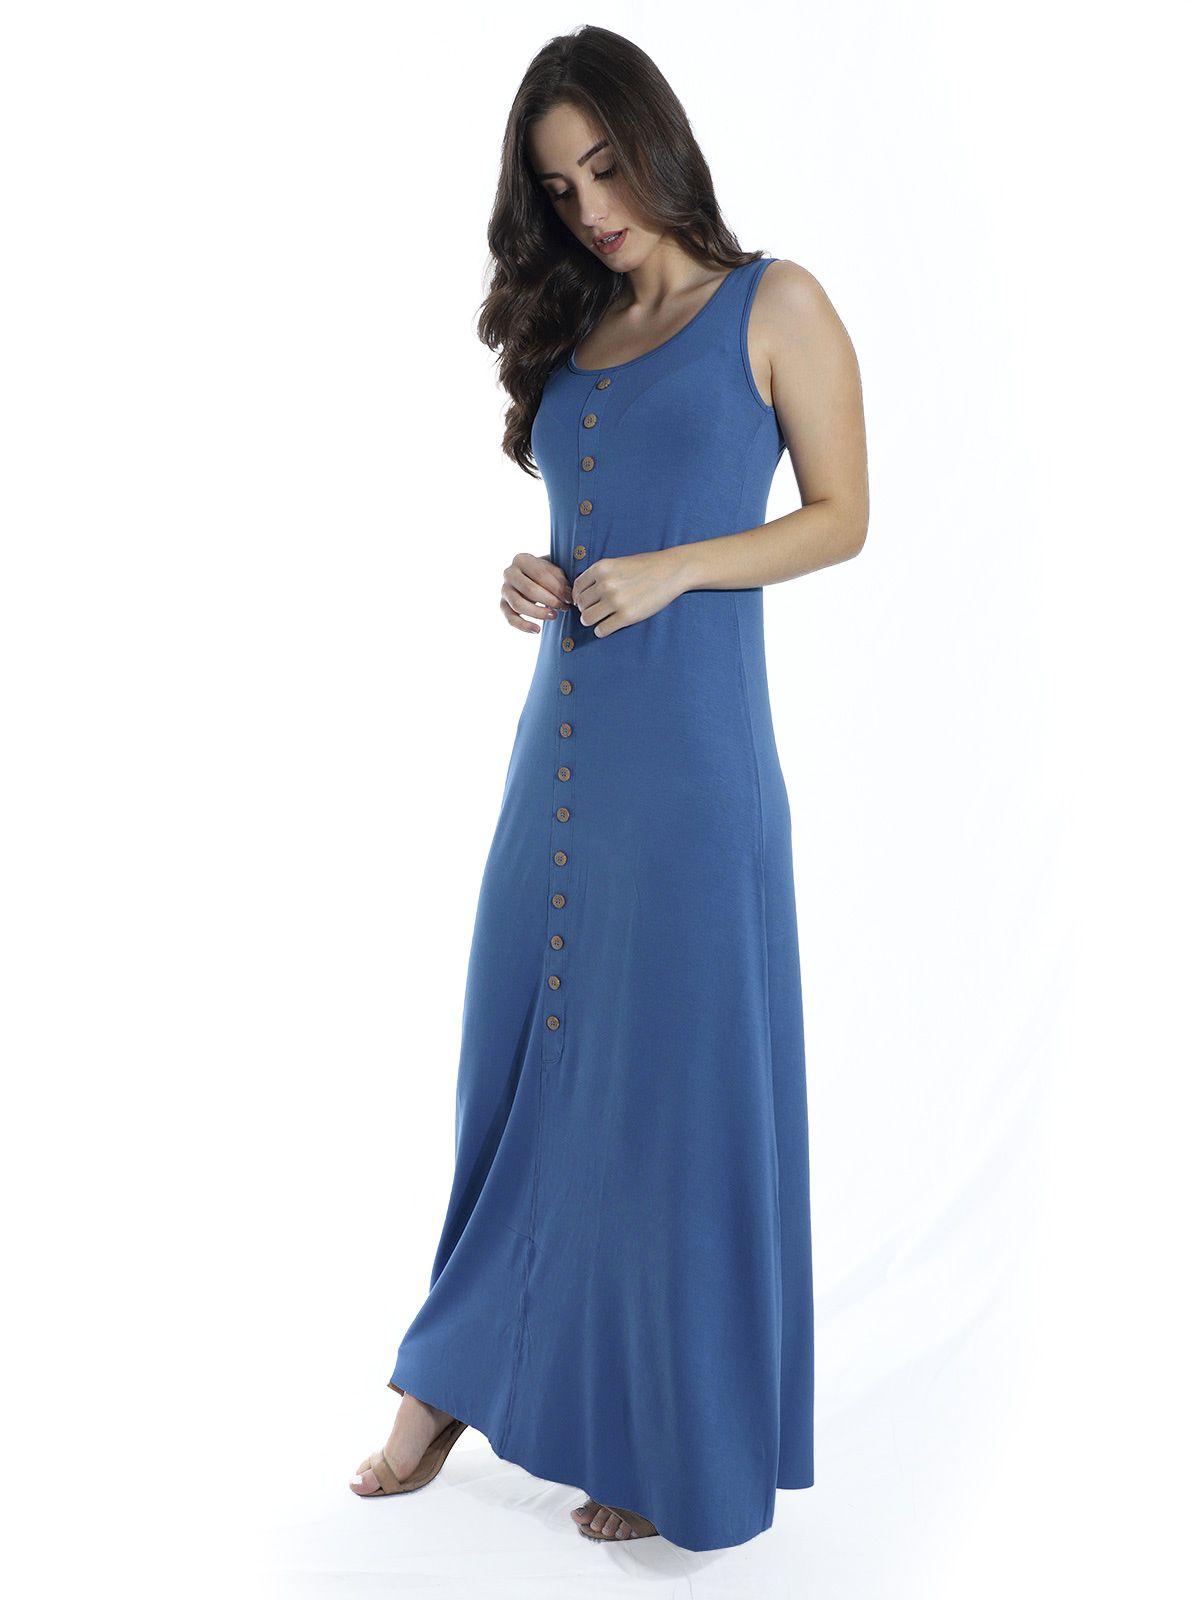 Vestido Anistia Longo Viscolycra com Botões Azul